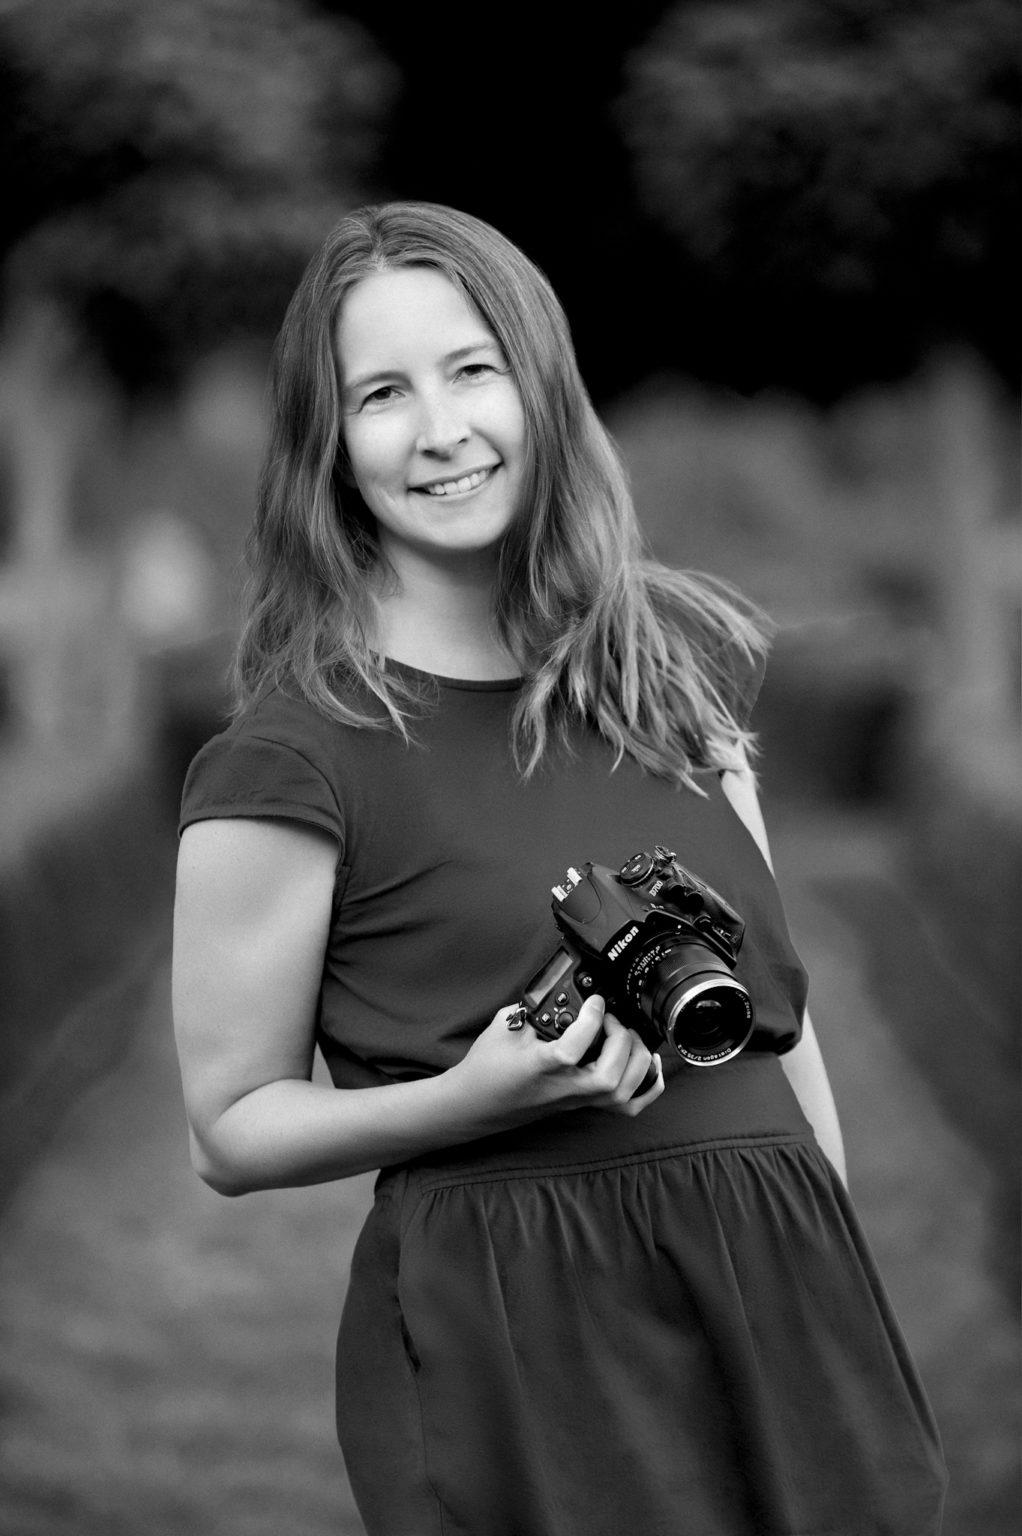 Photographer Rachel Hadiashar